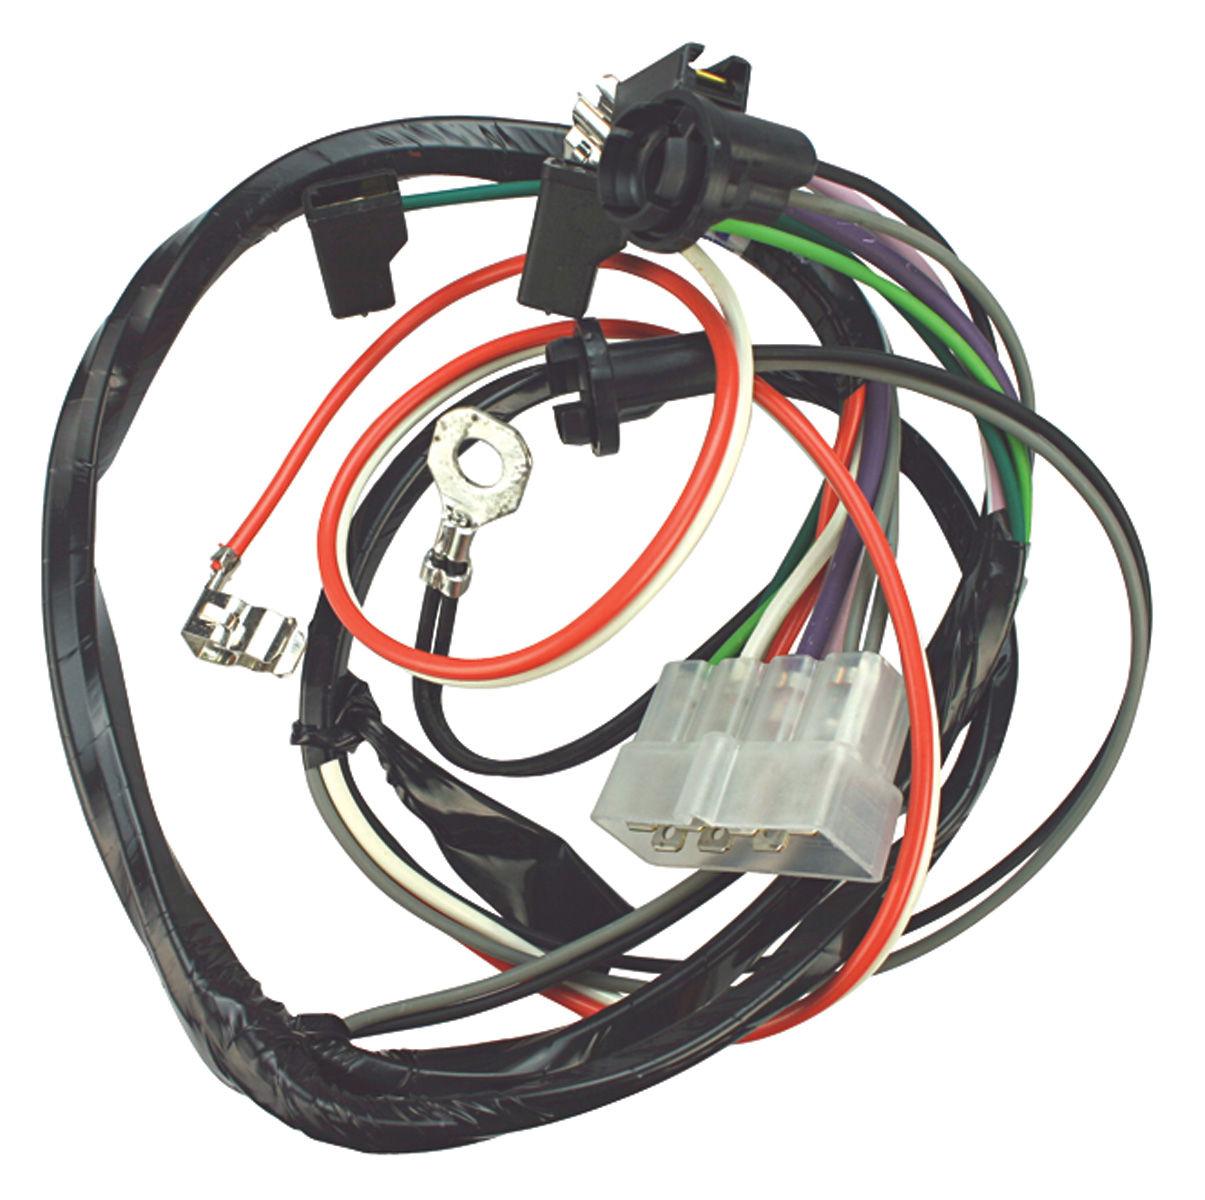 1969 Chevelle Dash Wiring Harness Wire Center 1968 Diagrams U2022 Rh Autonomia Co 67 Camaro Diagram Online